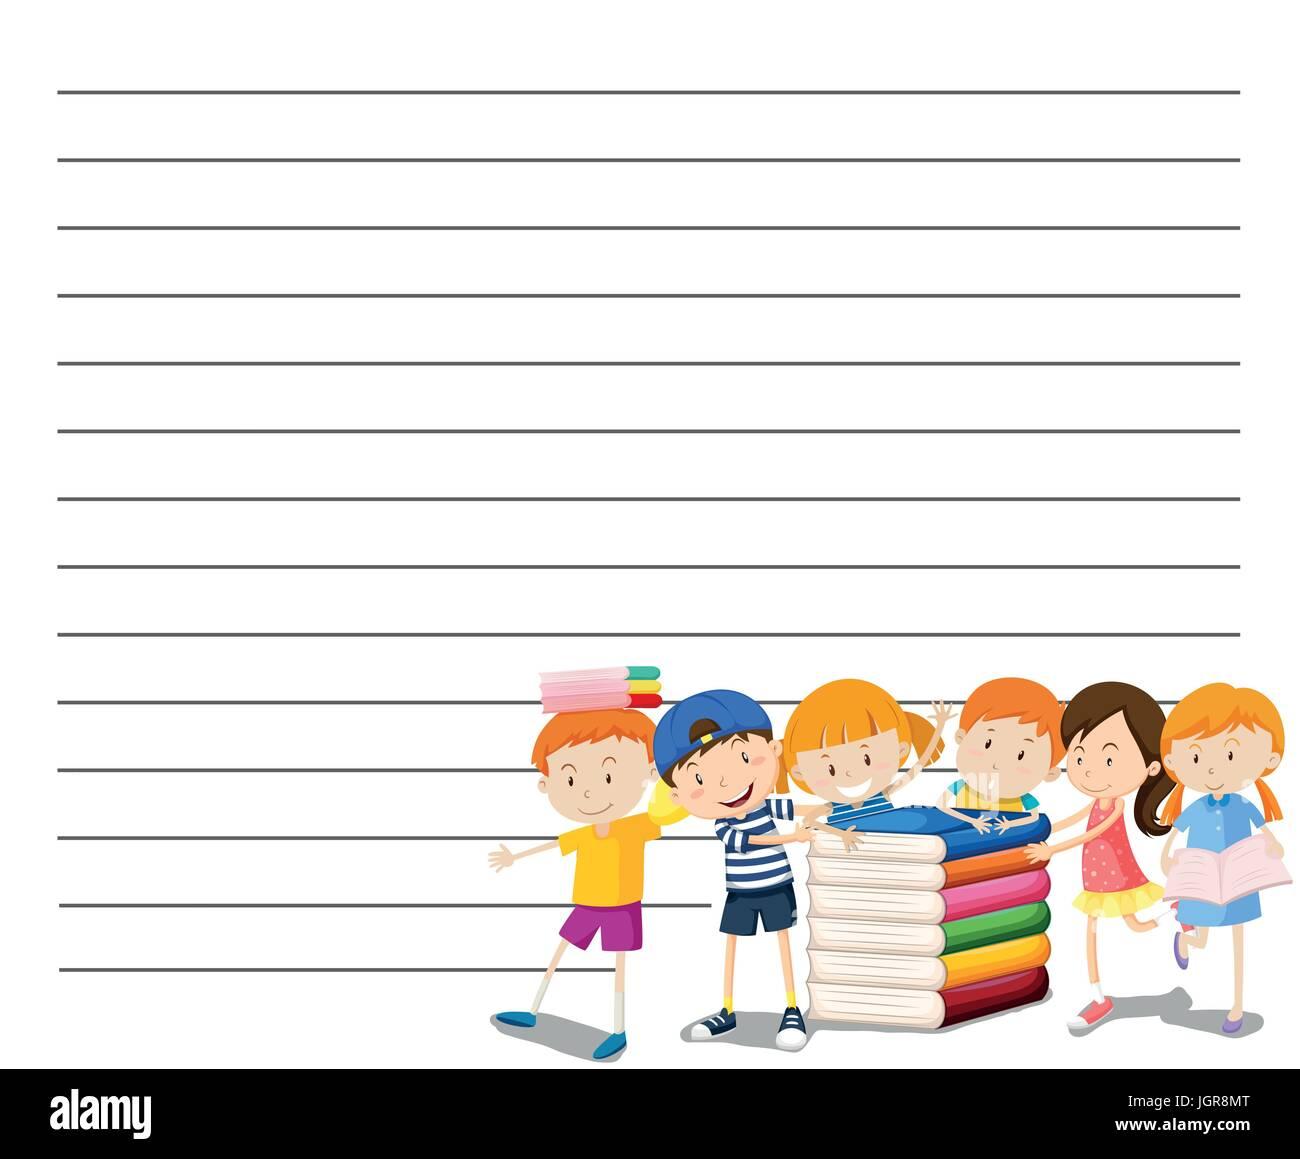 Linie Papier-Vorlage mit Kindern lesen Buch Hintergrund illustration ...